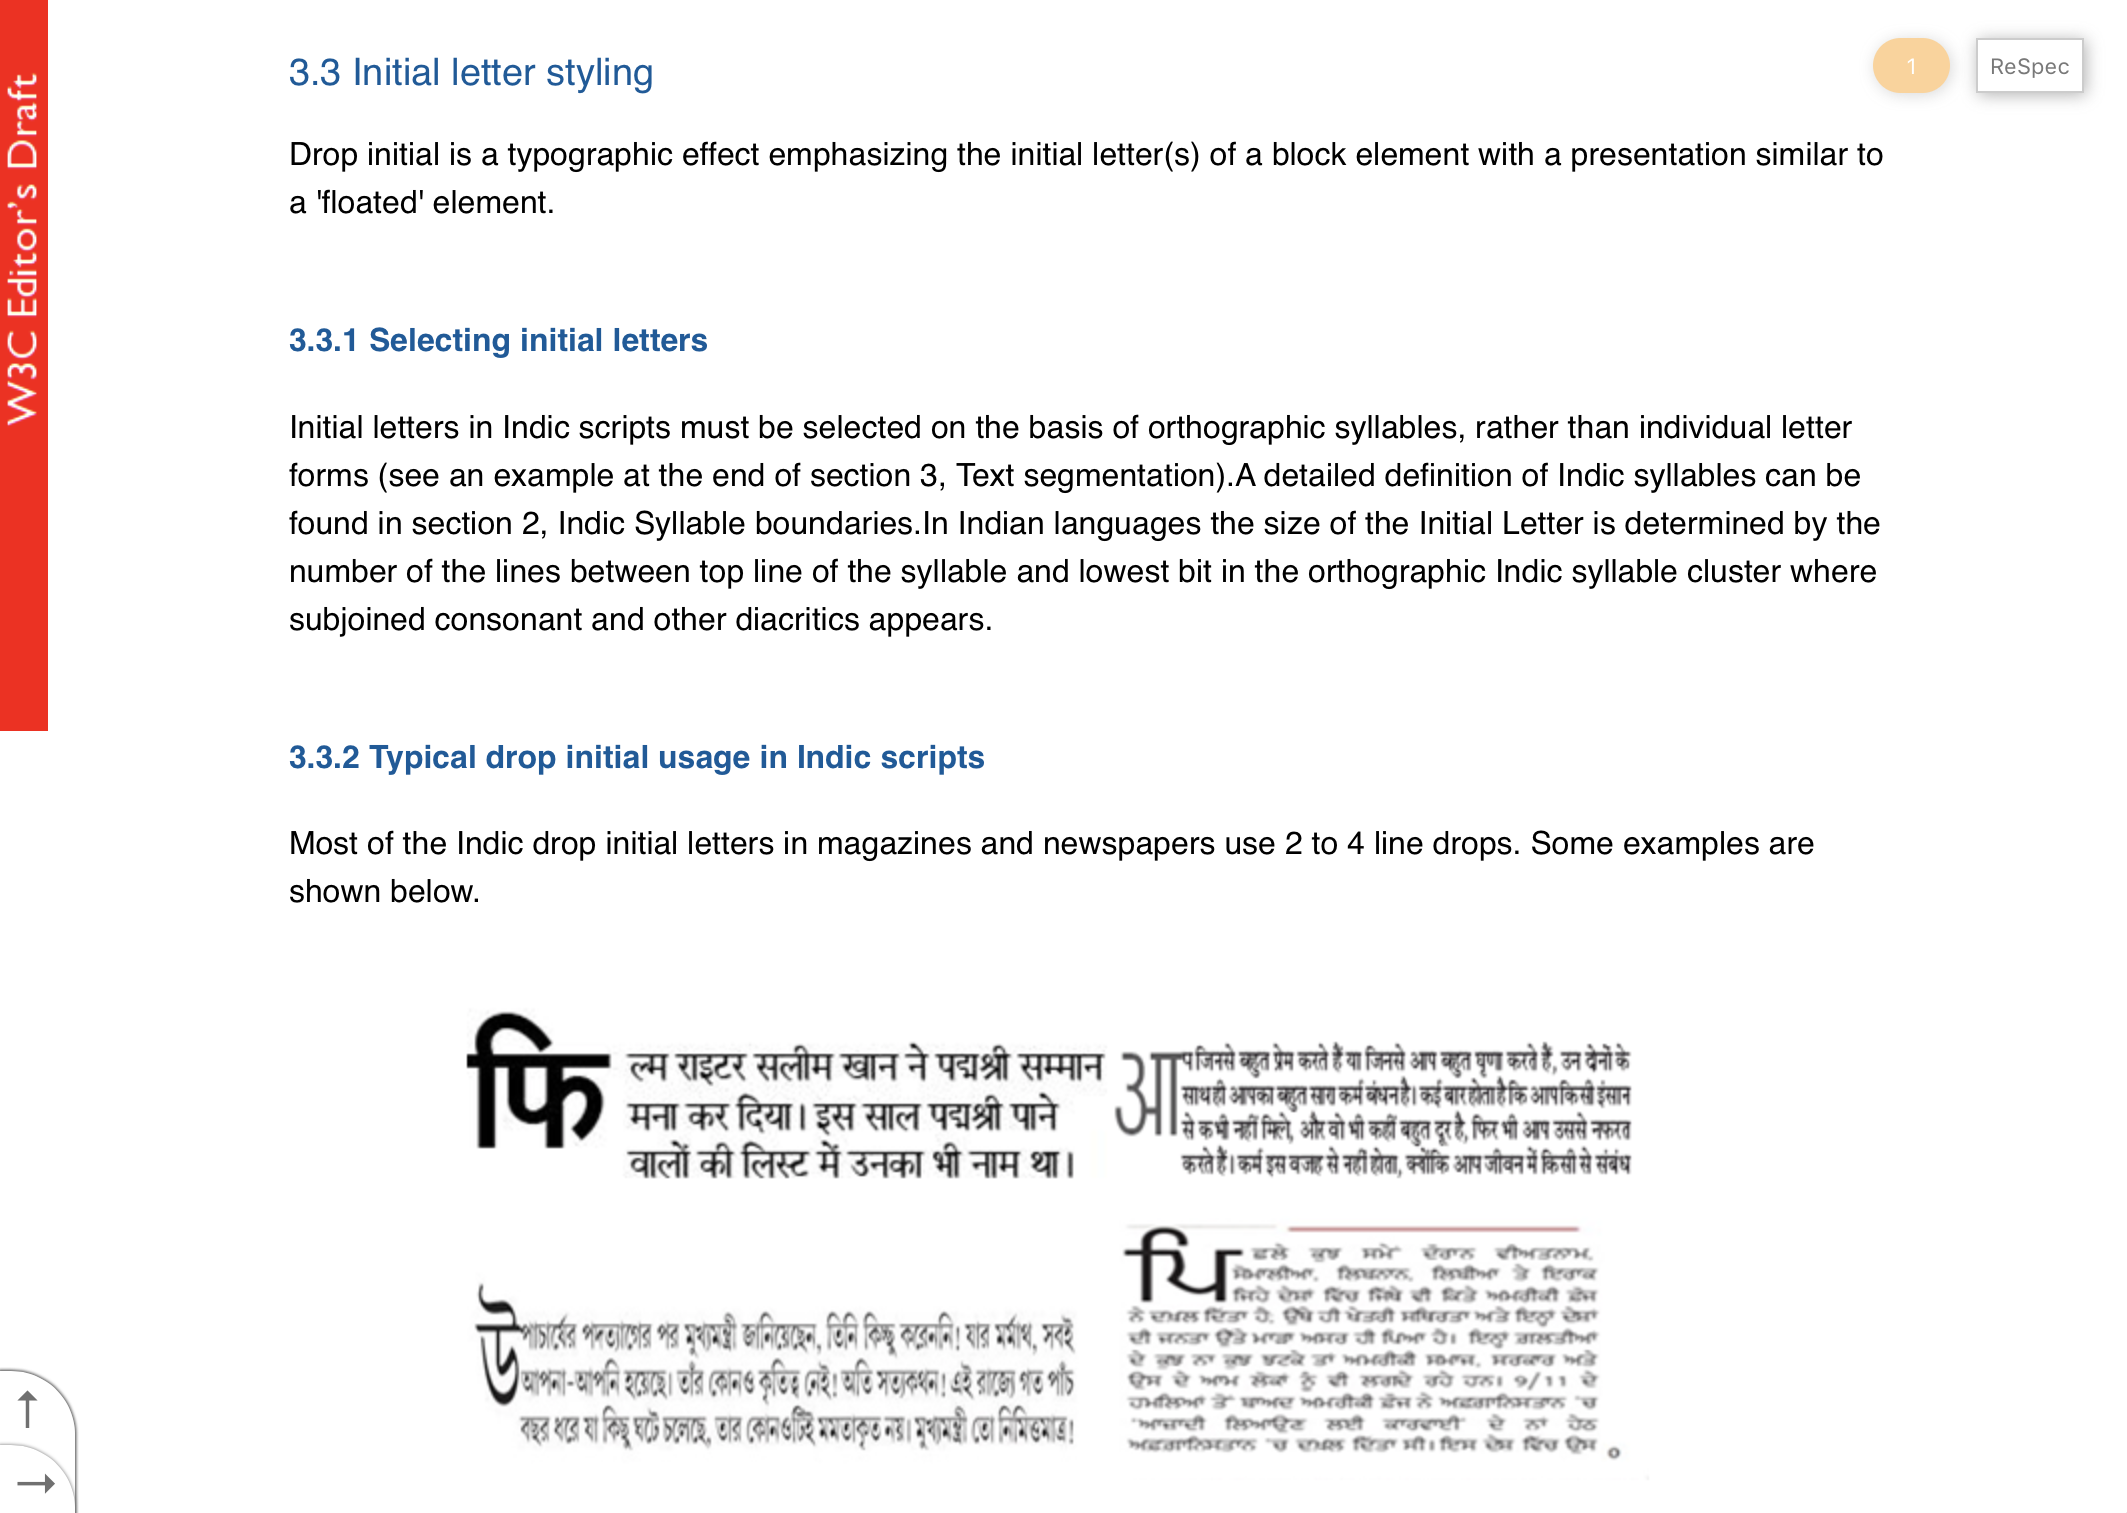 《印度系文字排版需求》